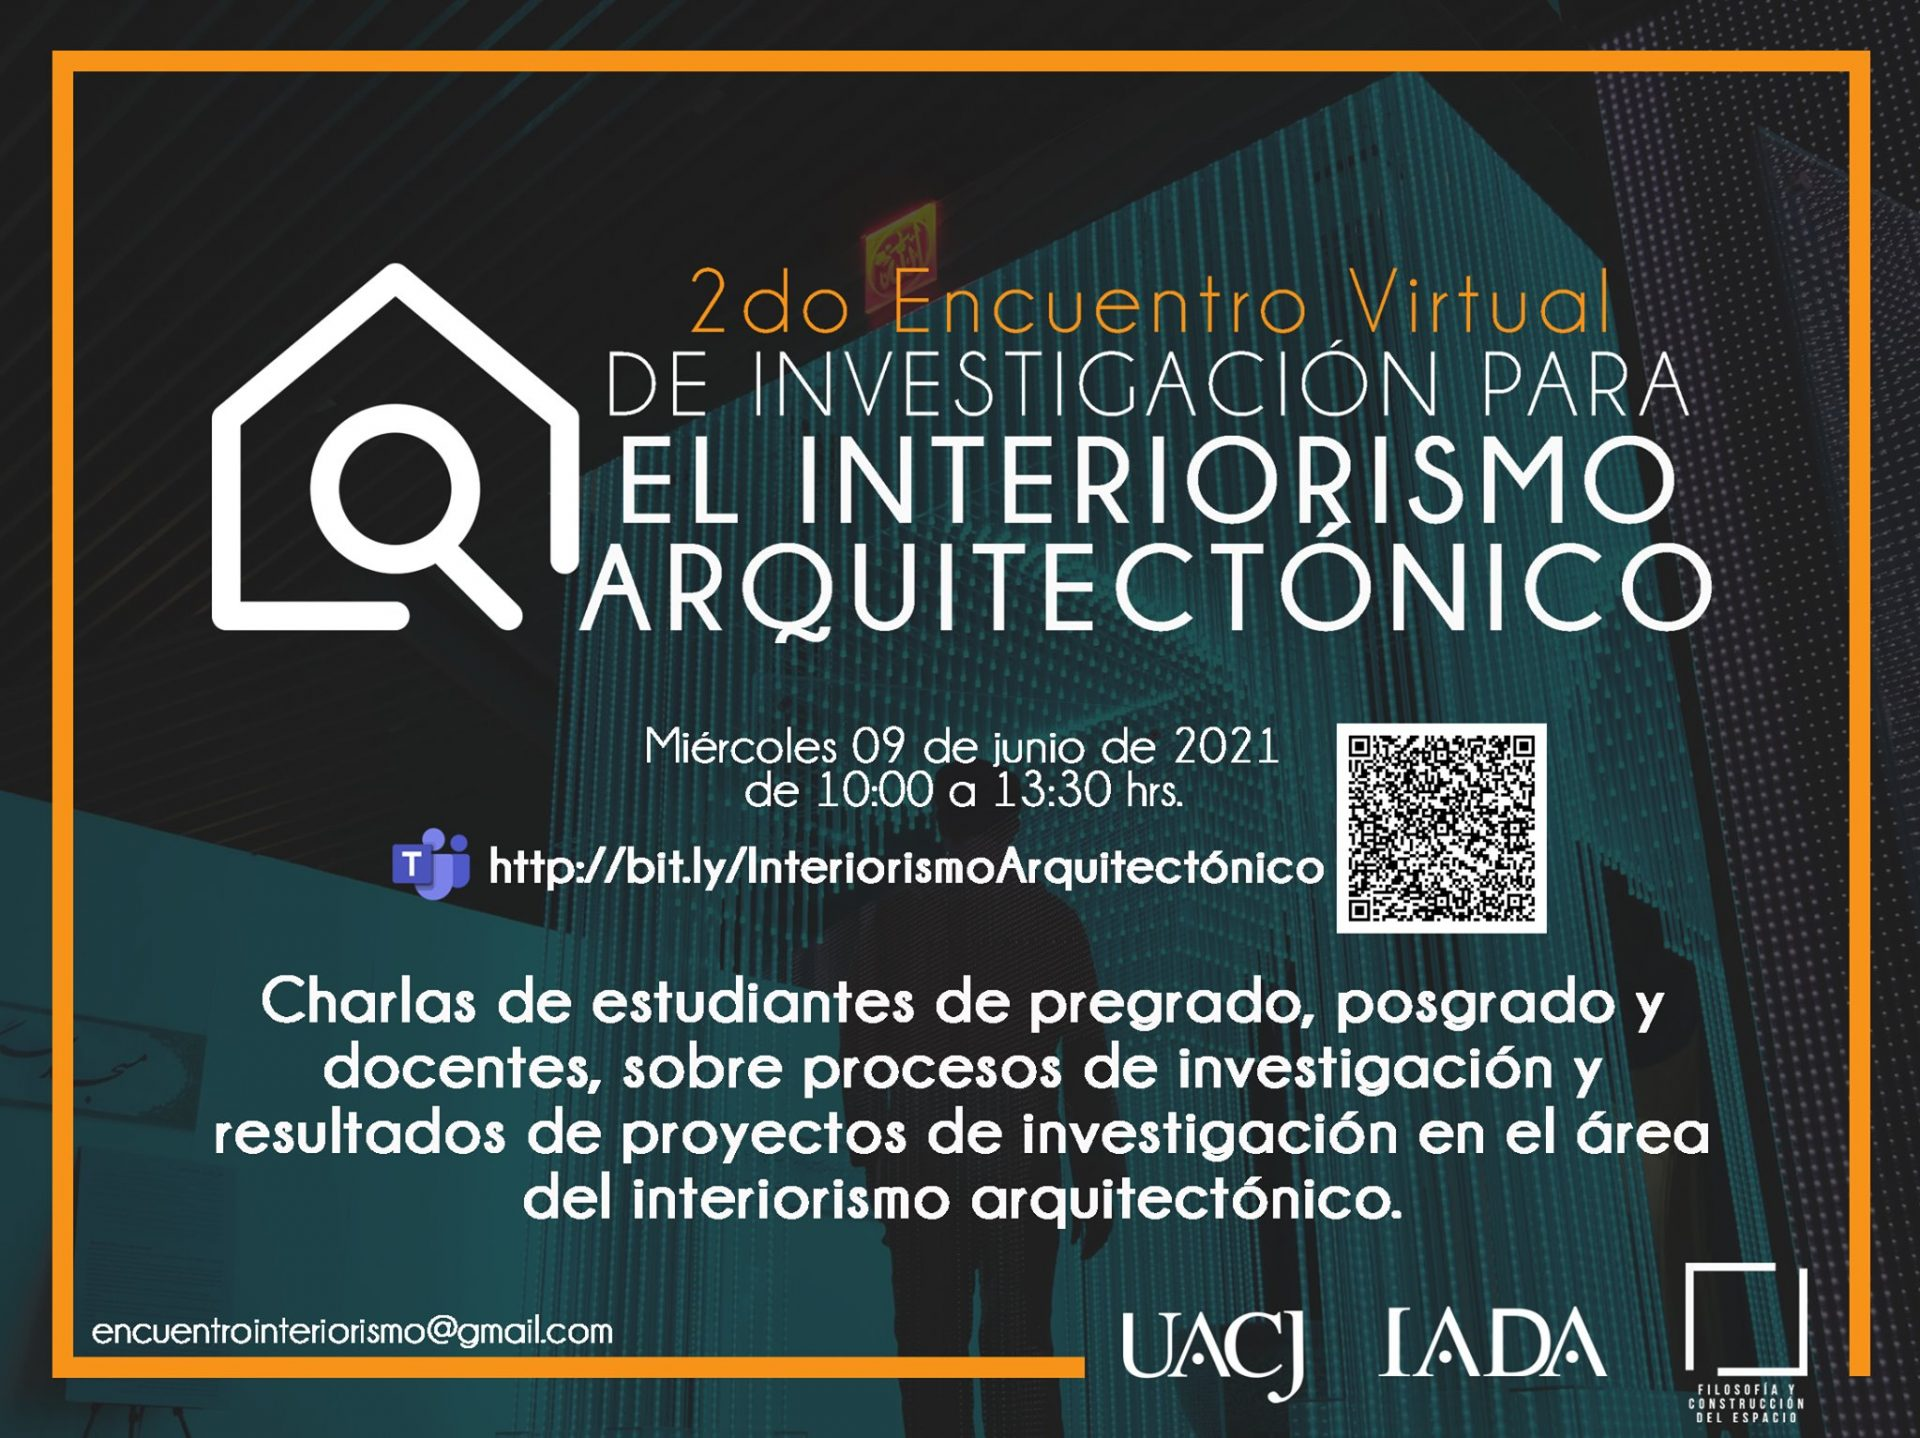 Invitan a encuentro virtual sobre interiorismo arquitectónico